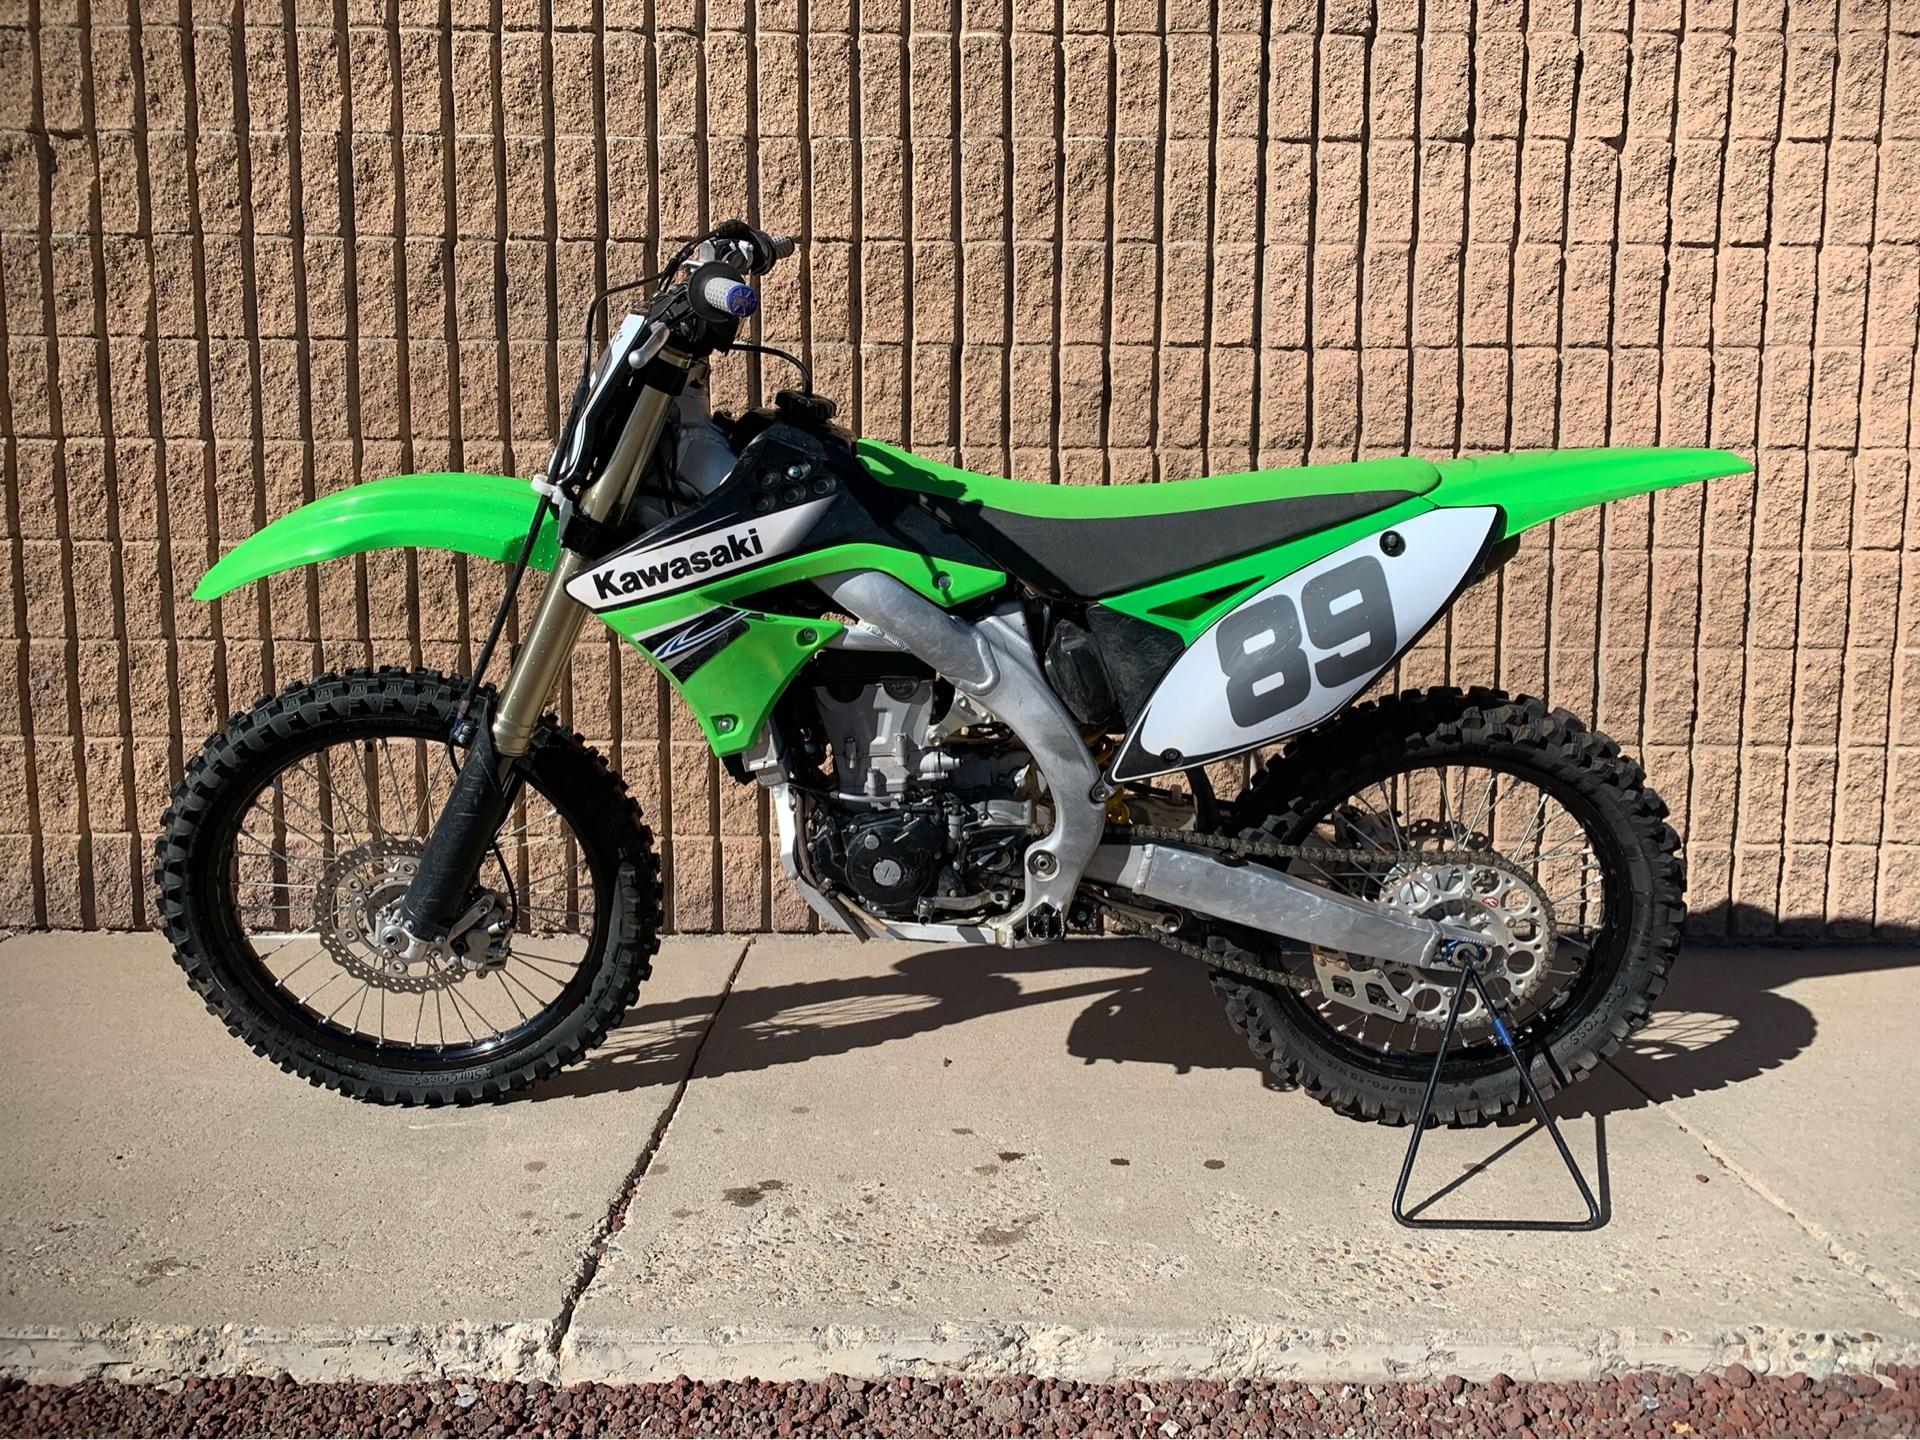 2011 Kawasaki KX450F 4